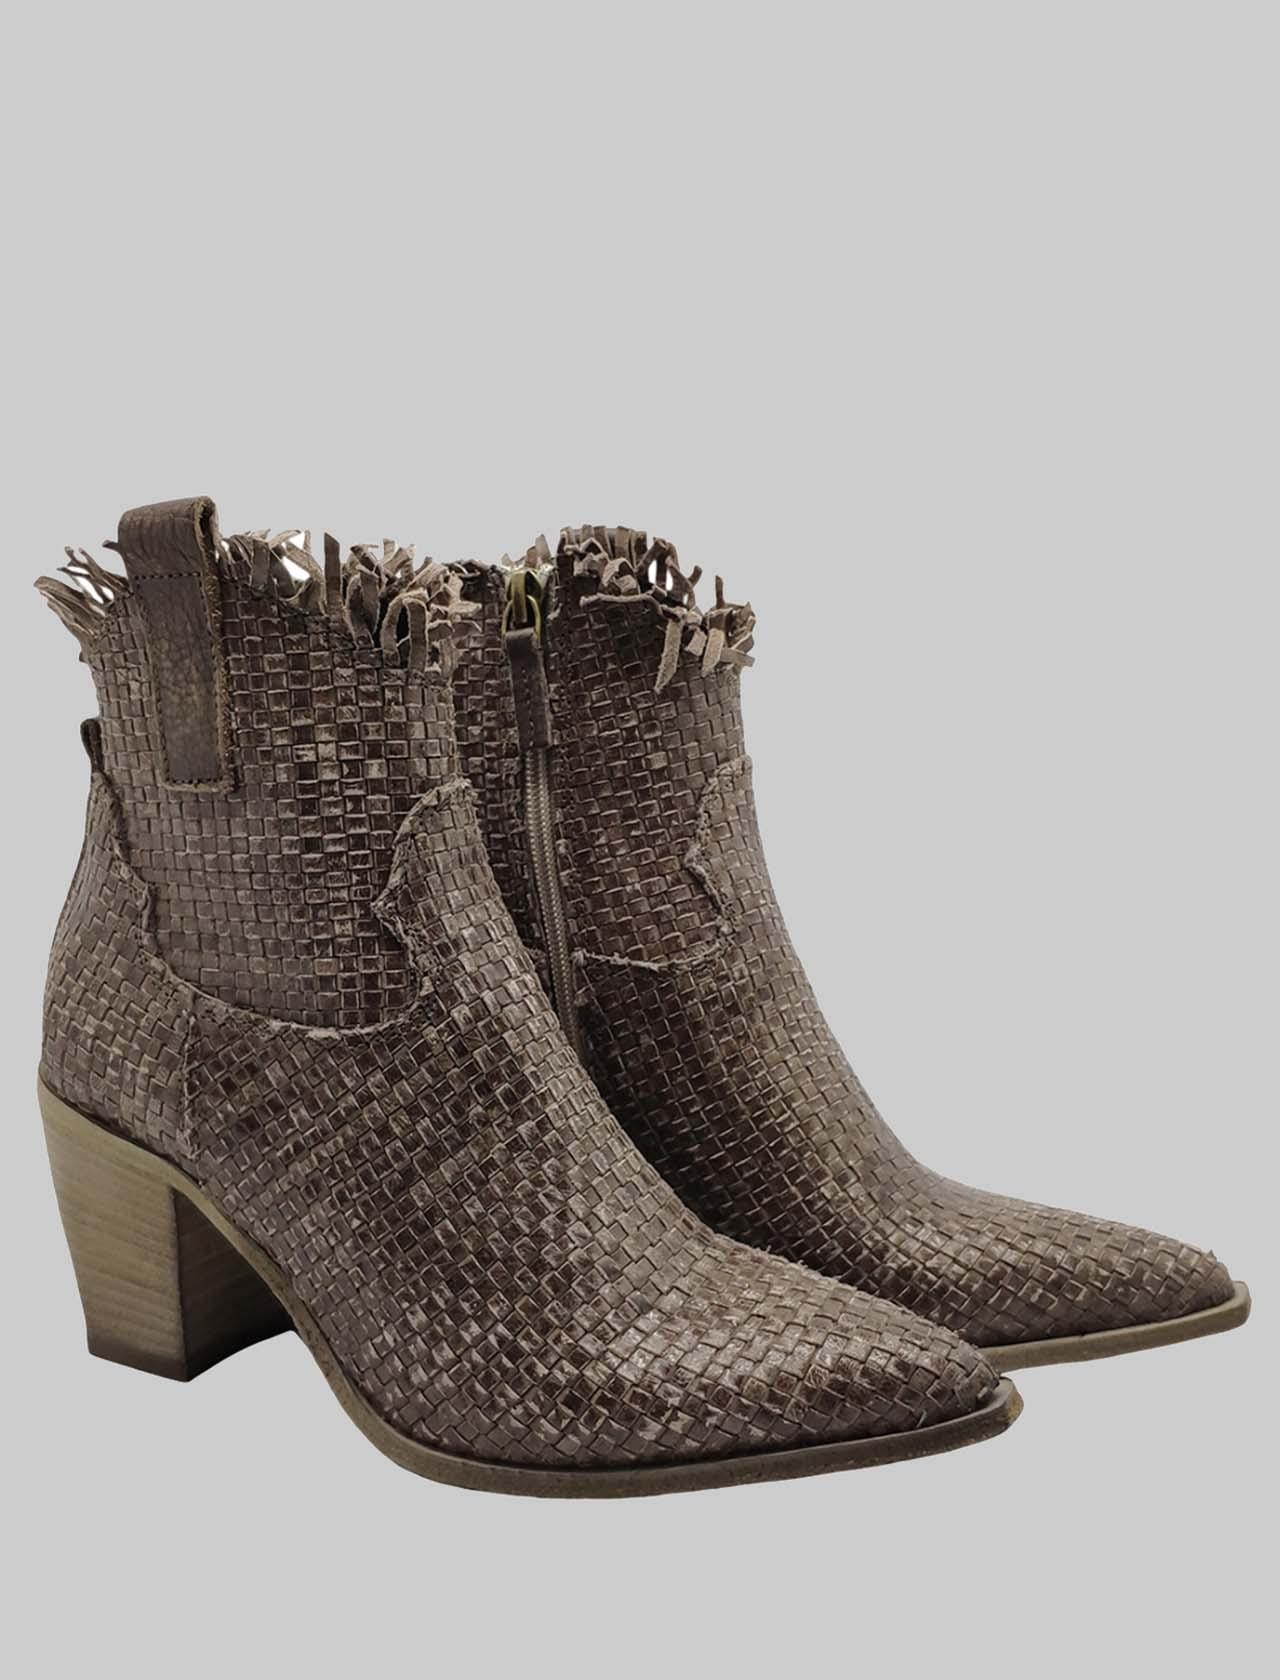 Calzature Donna Stivaletti Texani in Pelle Intreciata Sabbia con zip Laterale e Suola in Cuoio Mimmu   Stivaletti   4947PIETRA